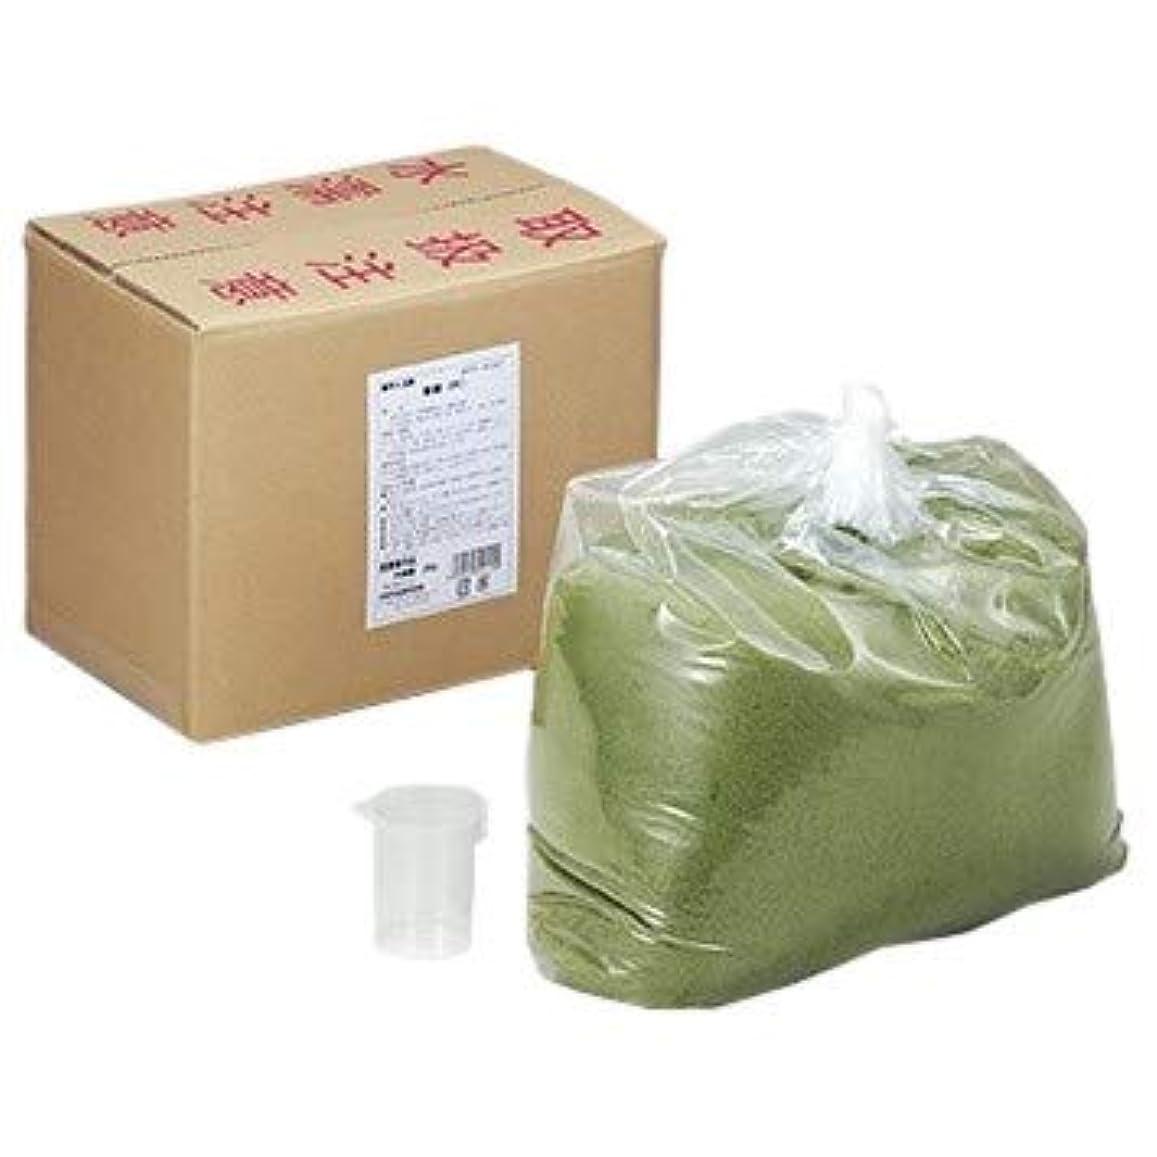 役に立たないバースト処方する新緑 業務用 20kg 入浴剤 医薬部外品